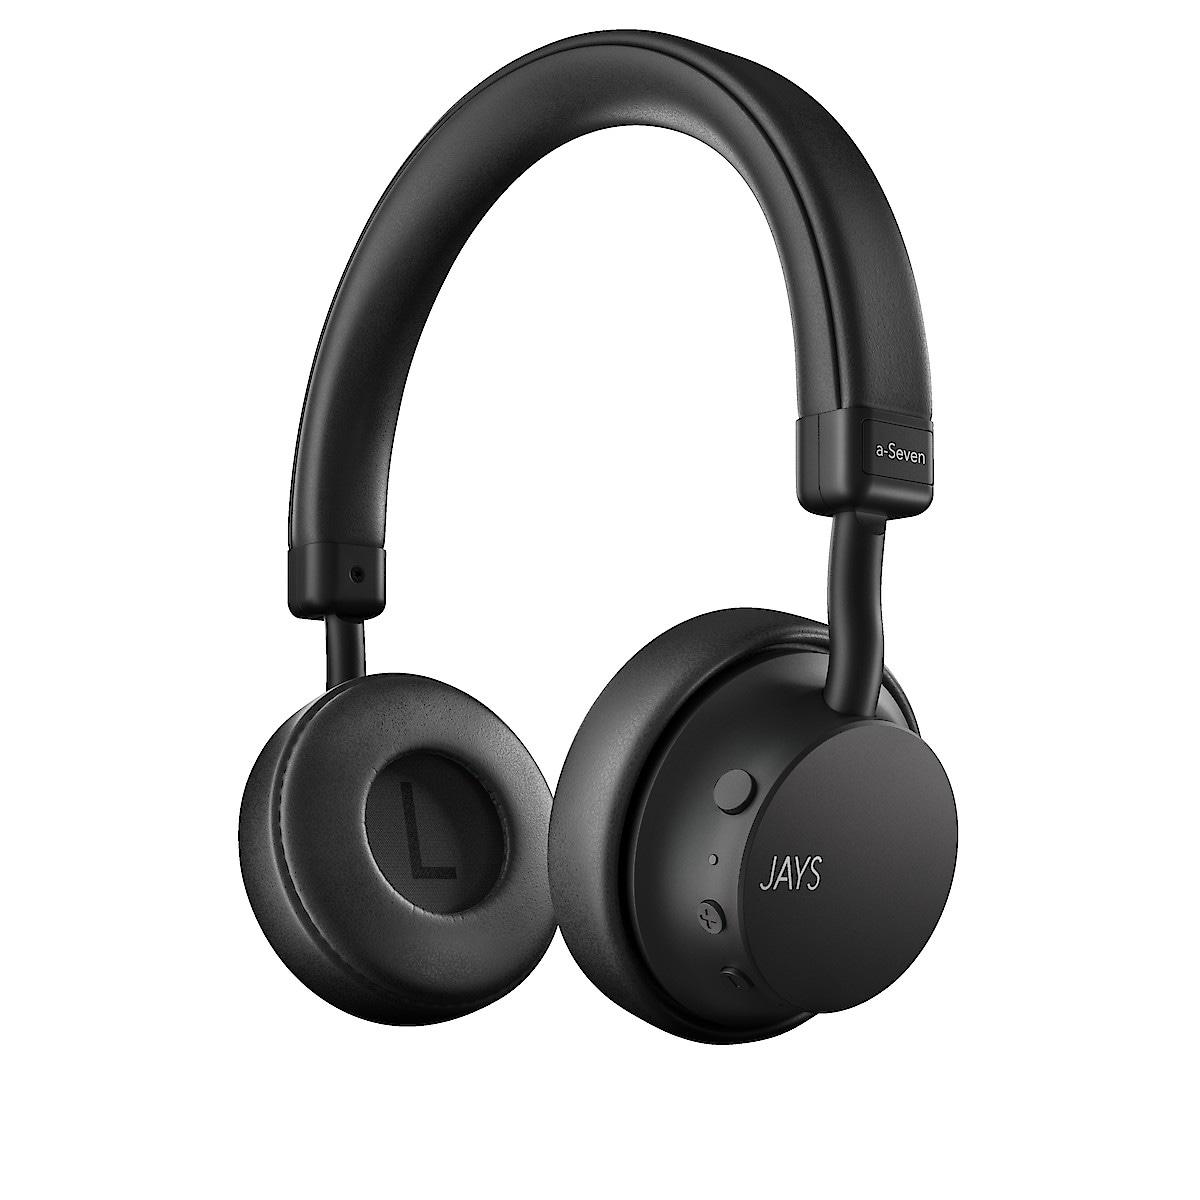 Trådlösa hörlurar Jays A-Seven Wireless